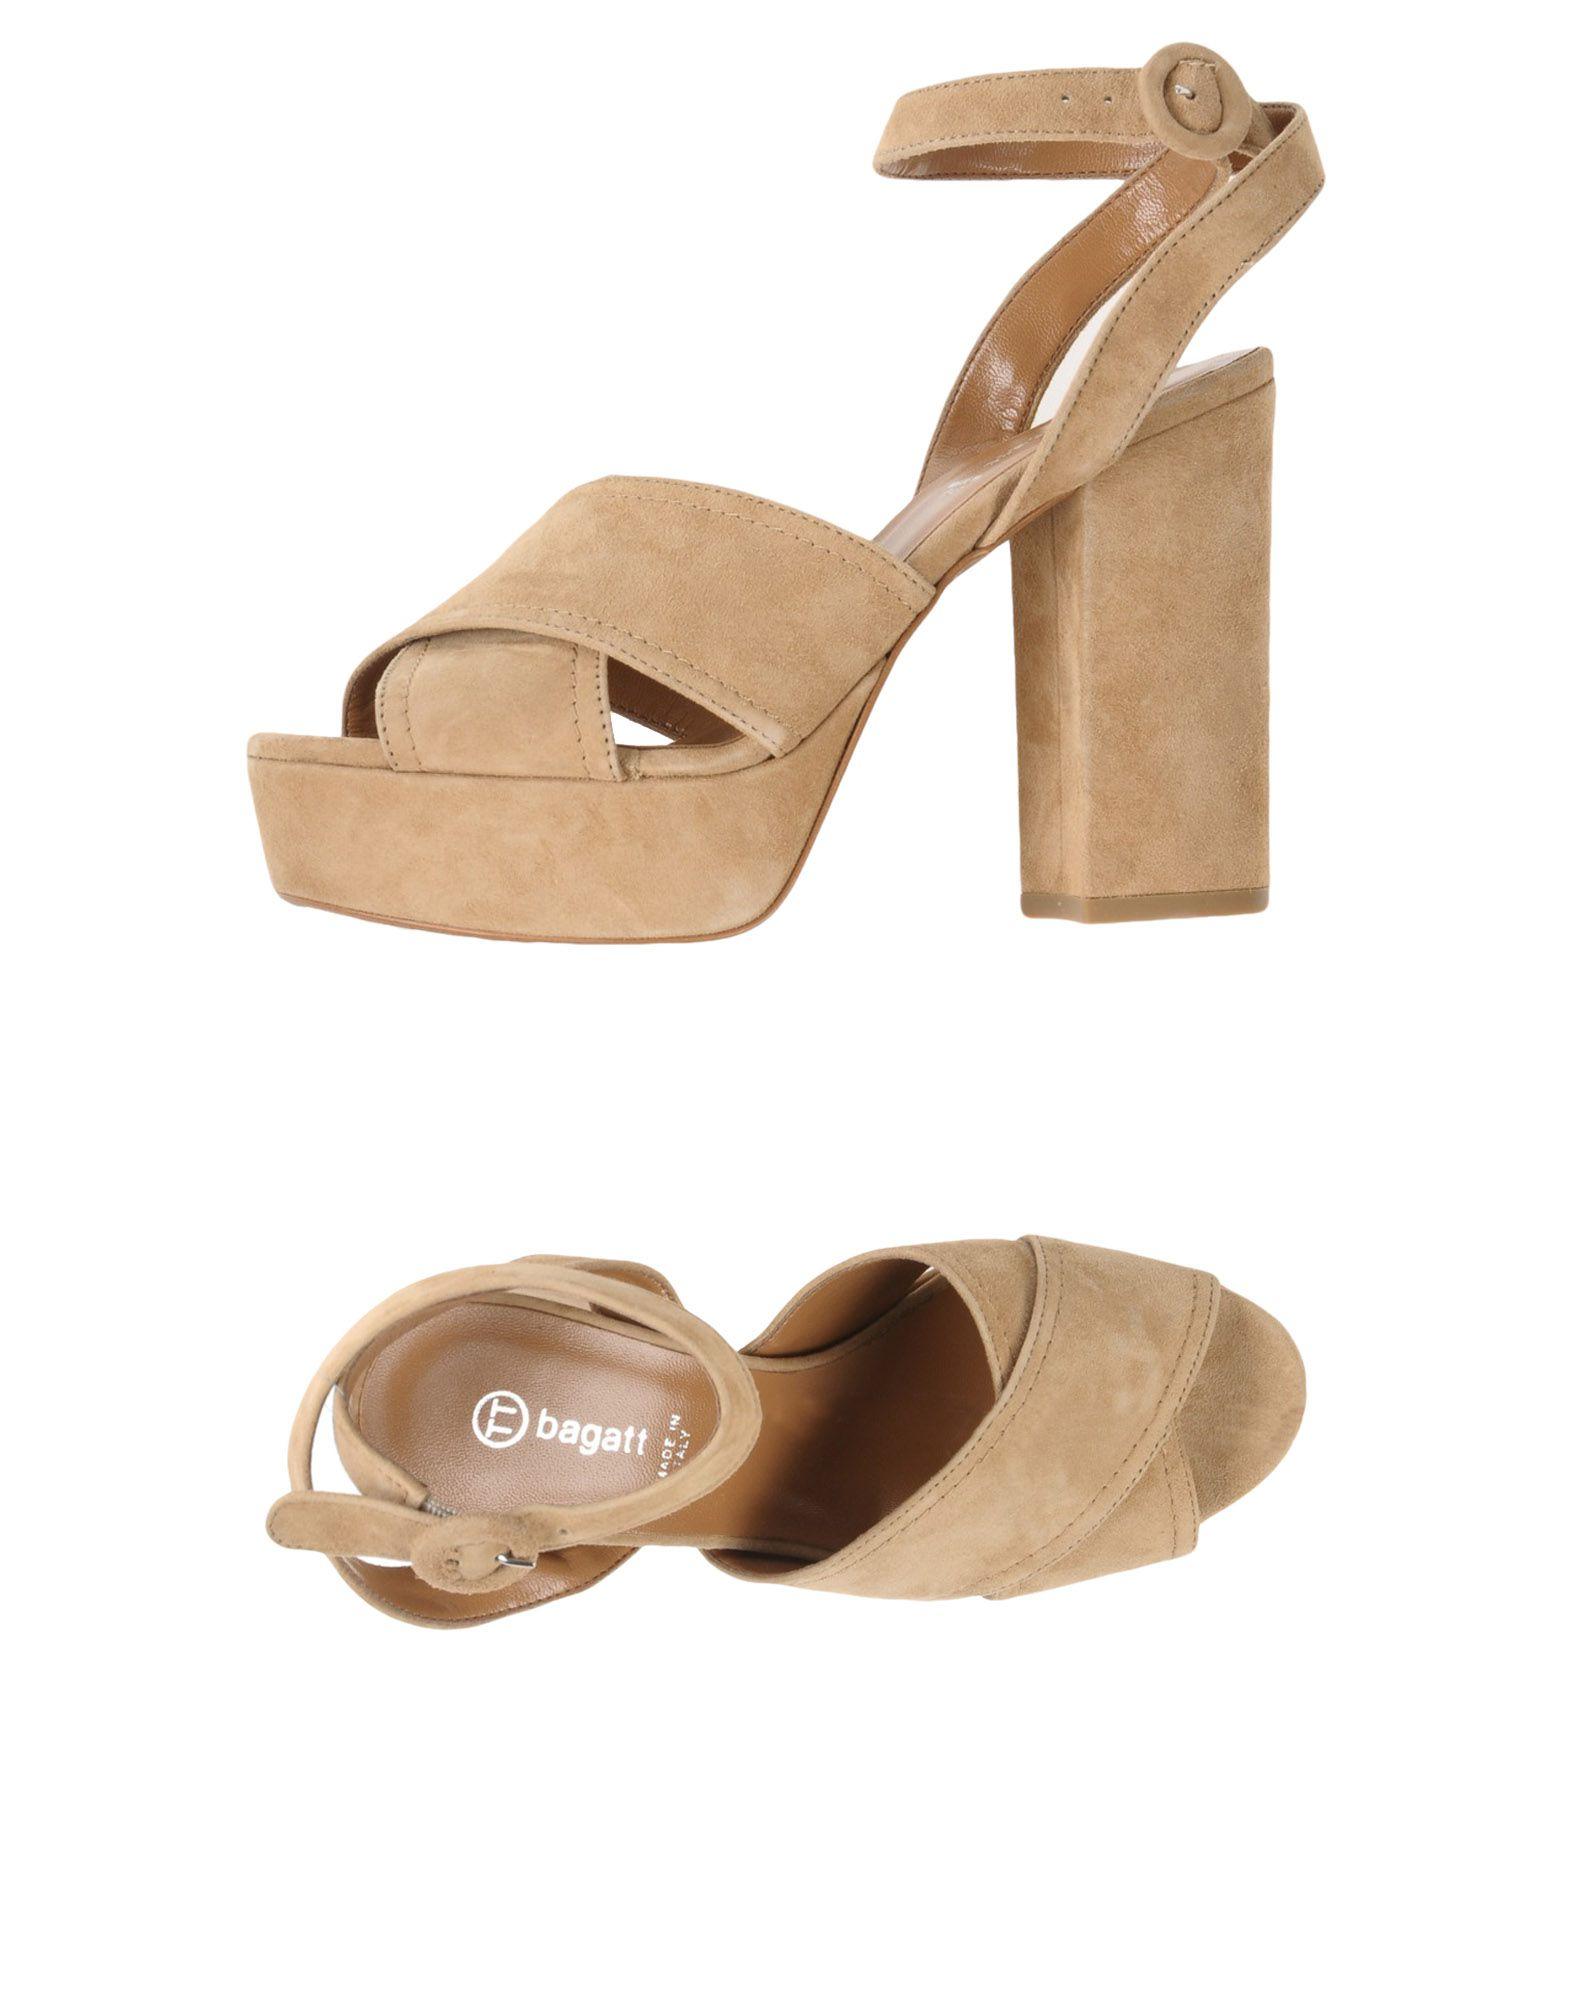 Bagatt Sandalen Damen  11412380QR Gute Qualität Qualität Gute beliebte Schuhe b4e1b1